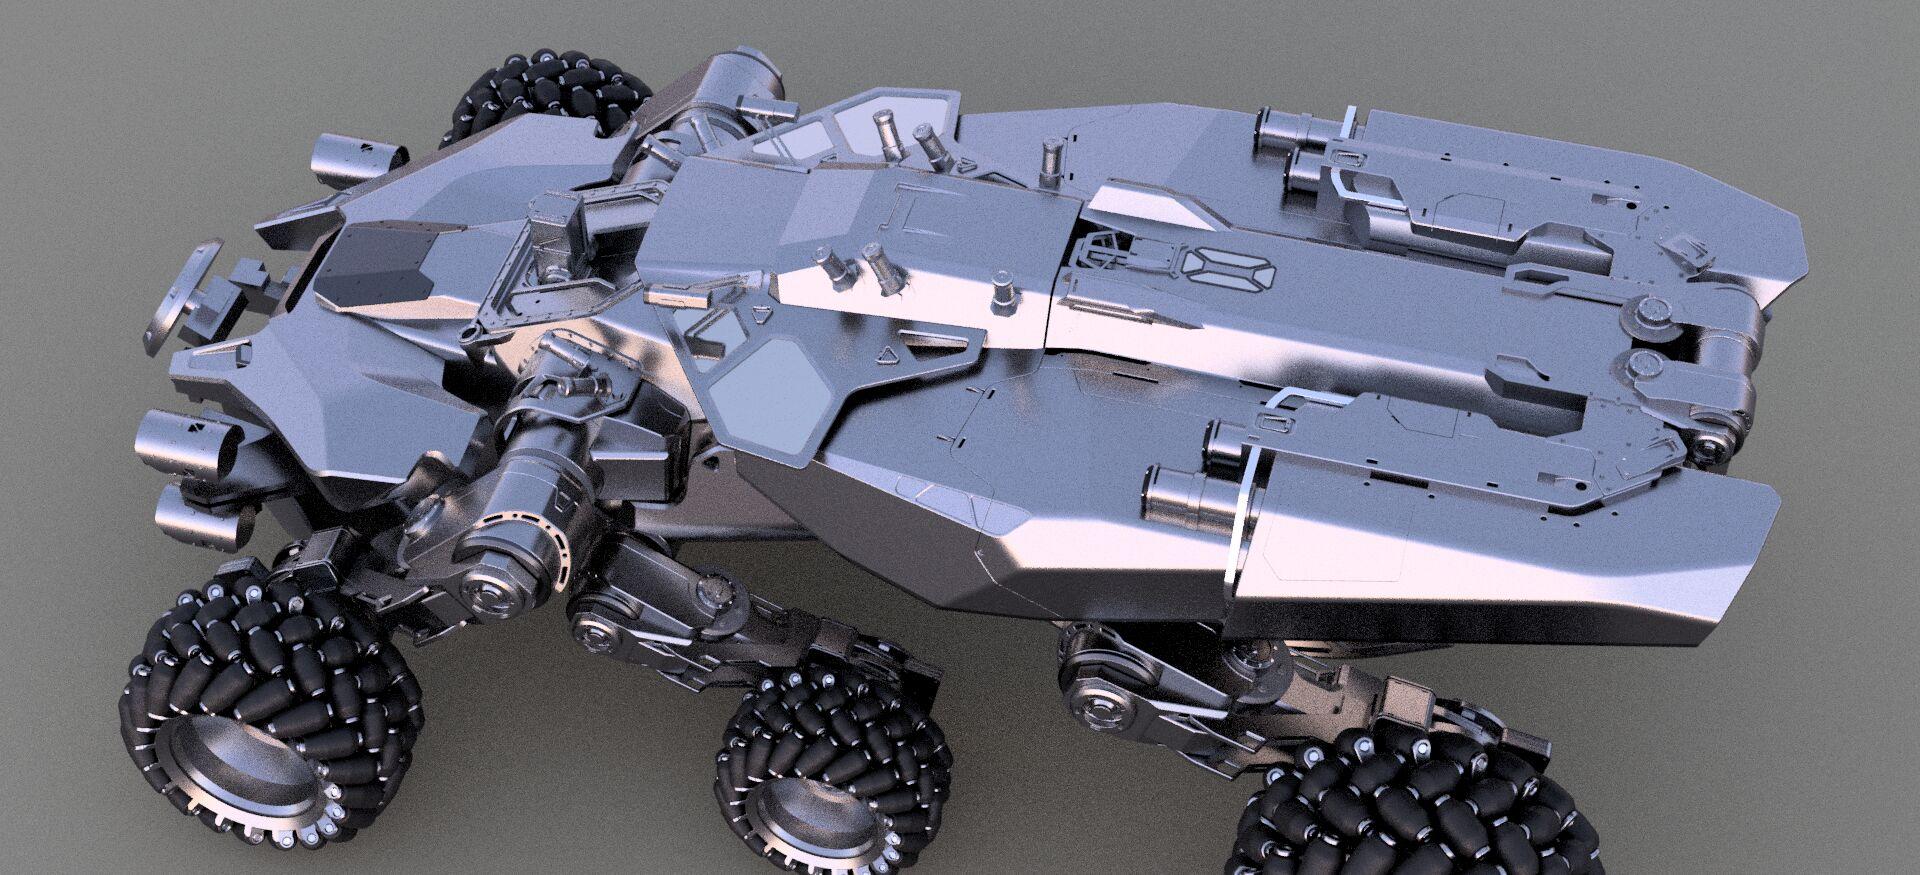 Scorpion-v544-3500-3500